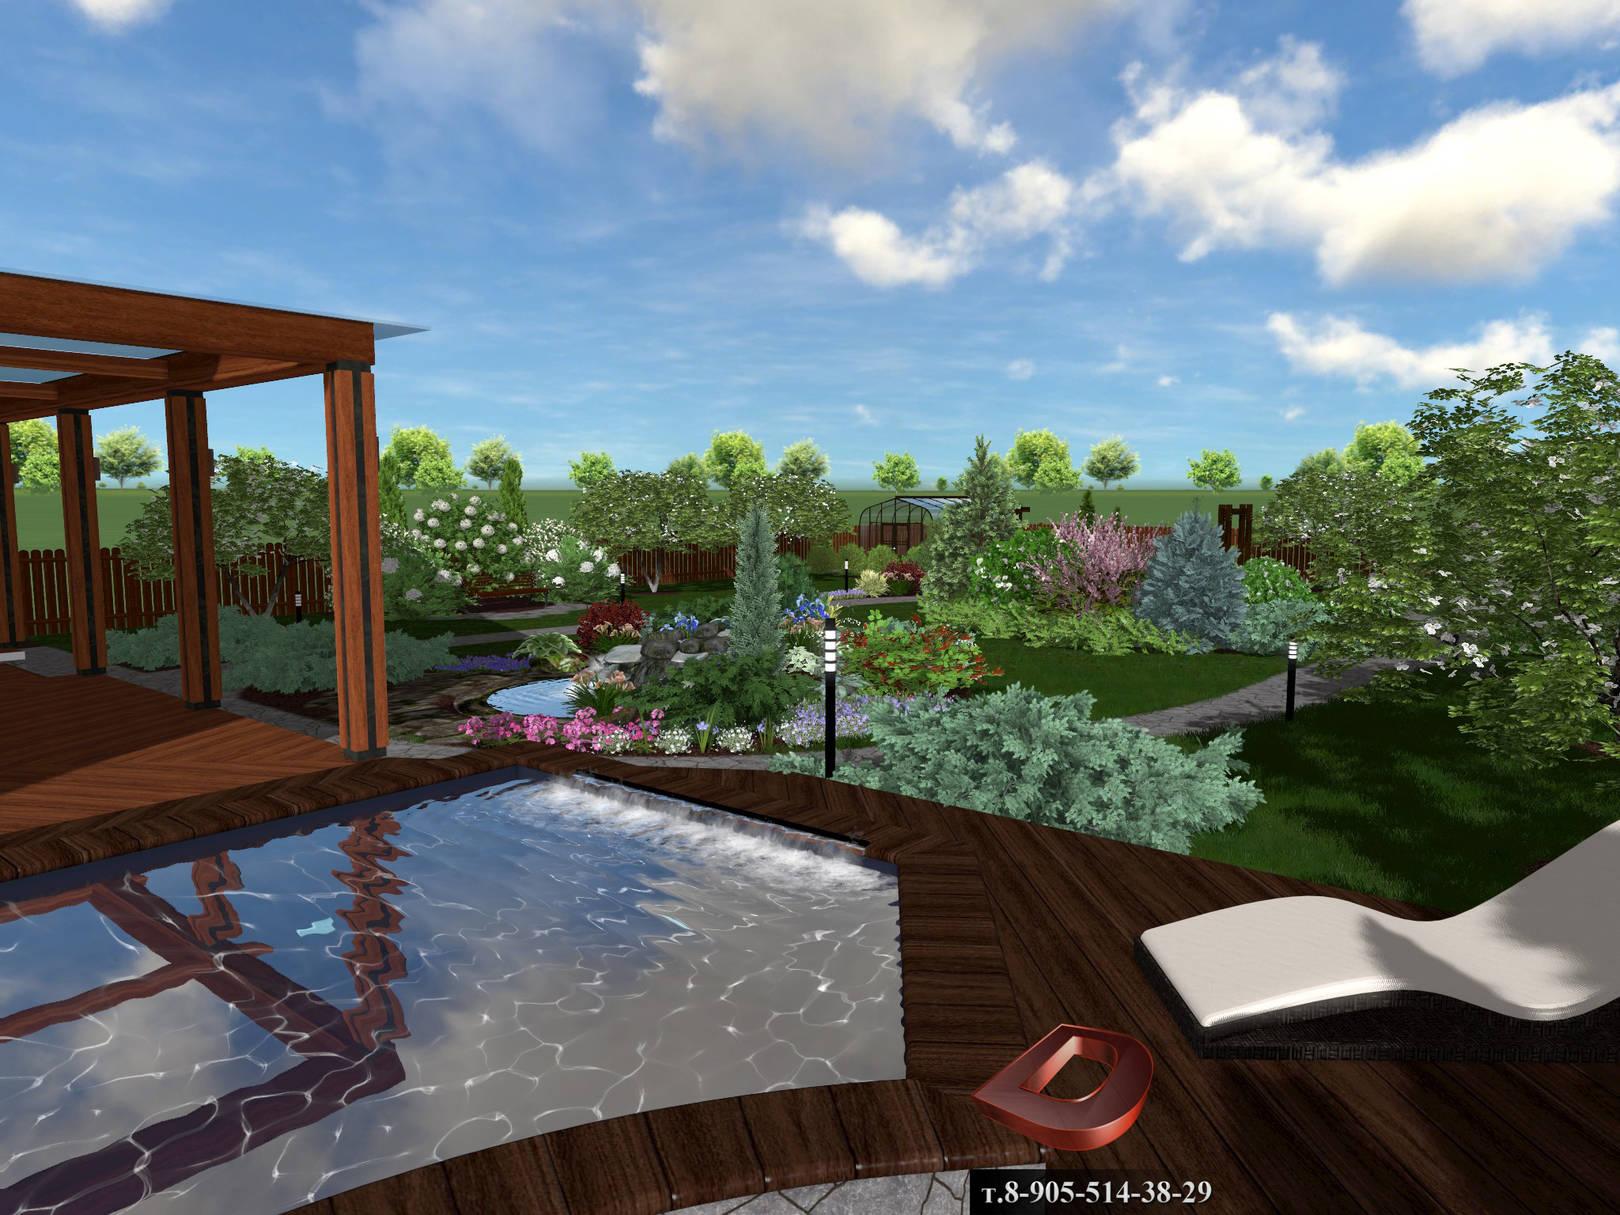 Ландшафтный дизайн дачного участка 14 соток, Вид на бассейн